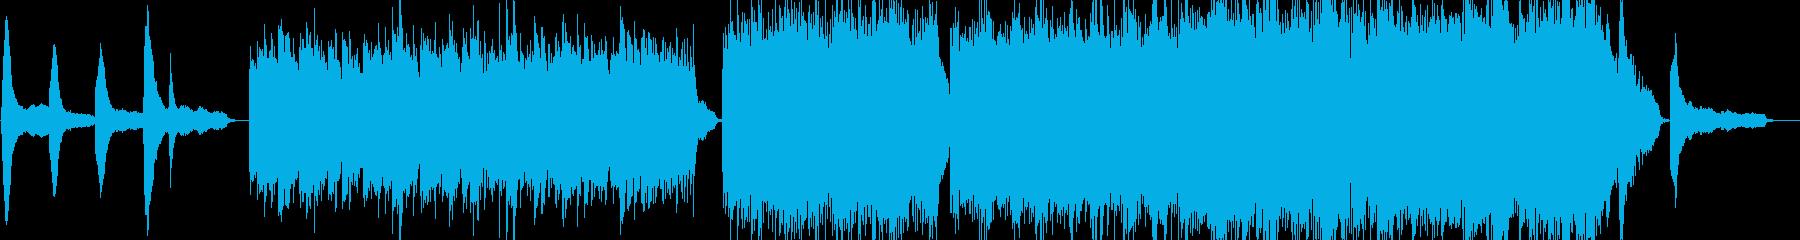 企業VP4 16bit48kHzVer.の再生済みの波形